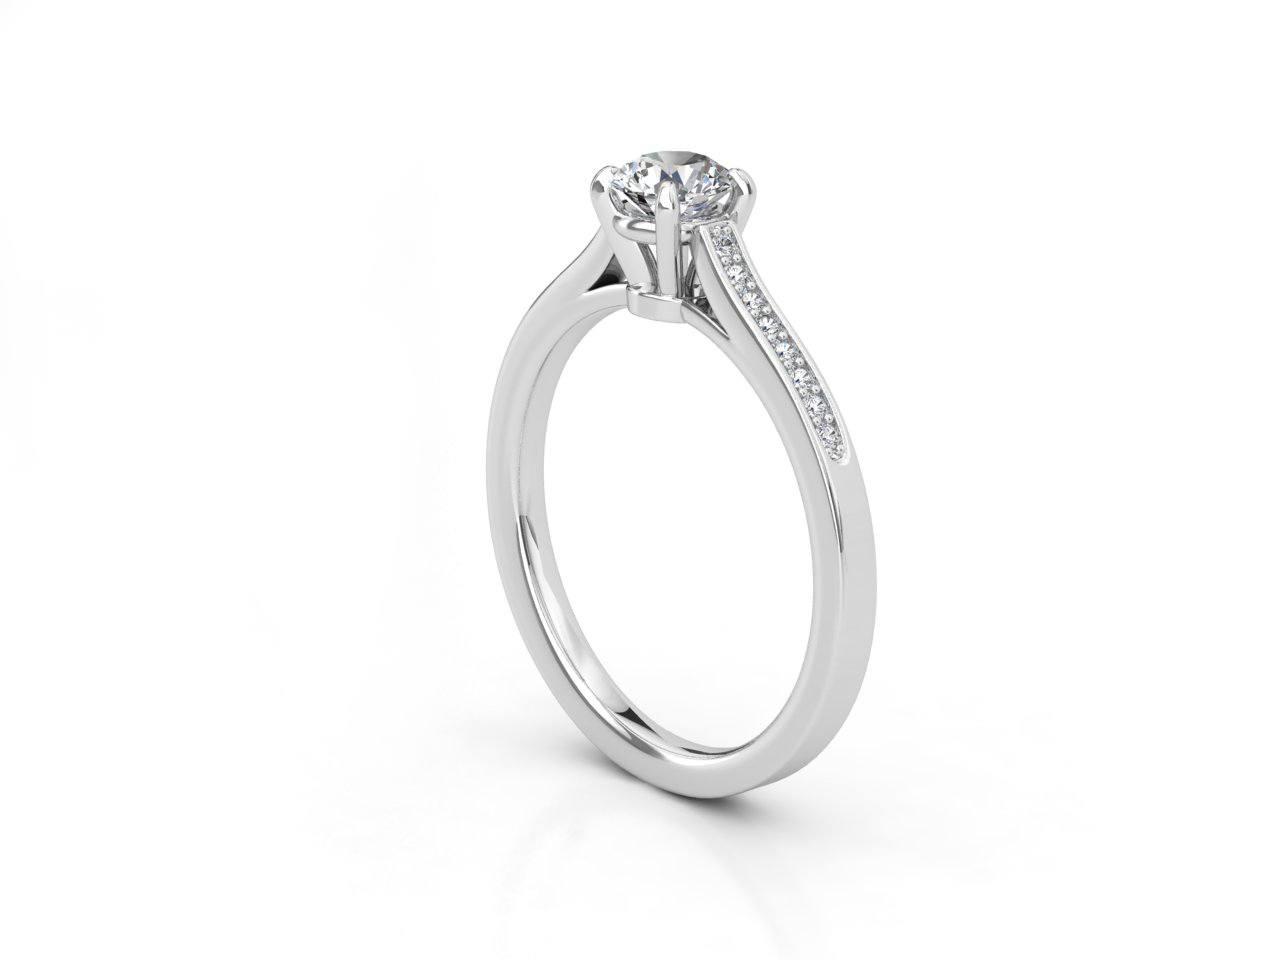 טבעת אירוסין זהב לבן צ'אנל 2